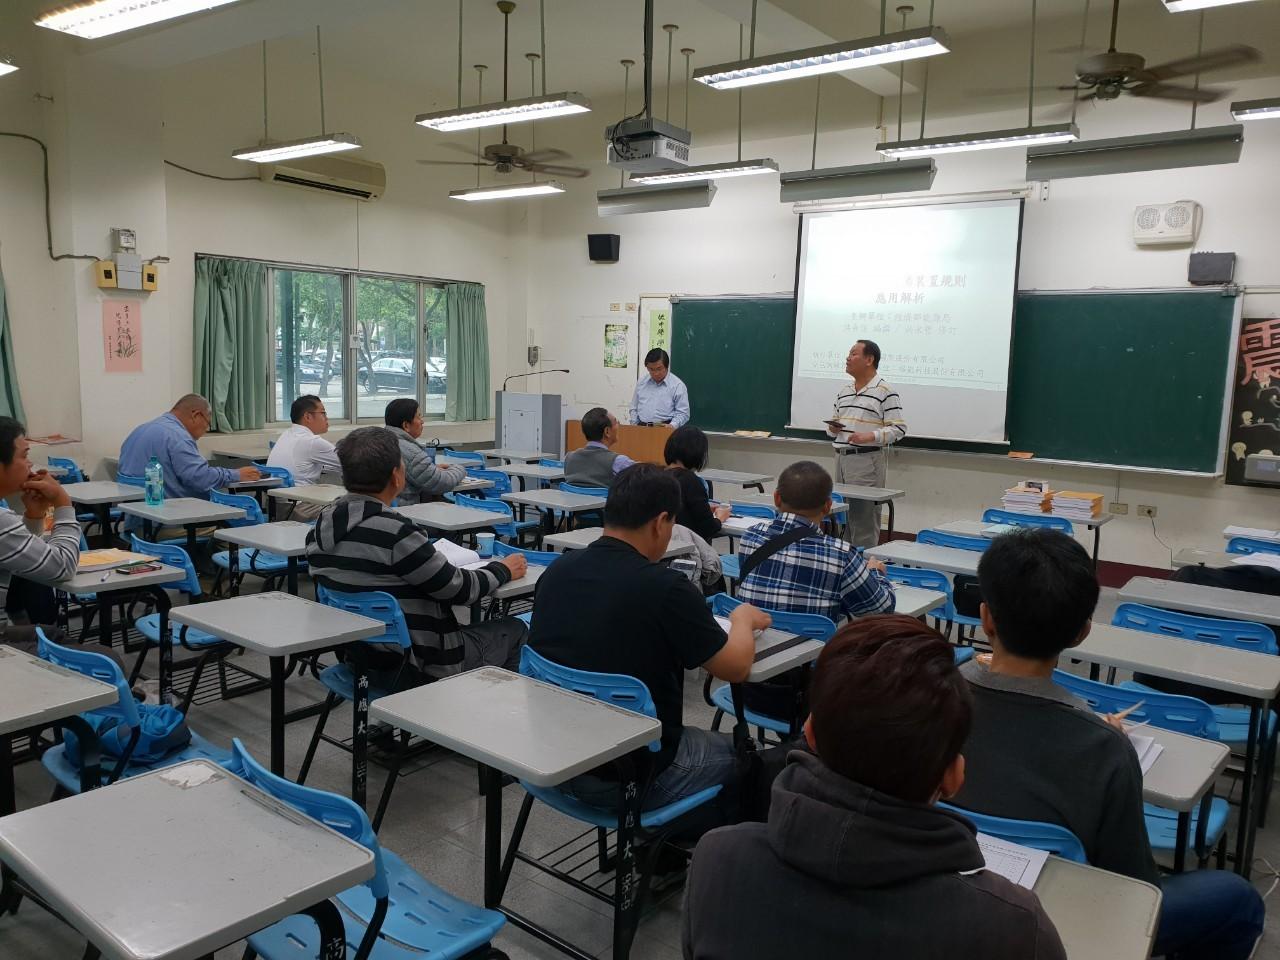 附加圖片,電力工程行業技術人員培訓課程-高雄市